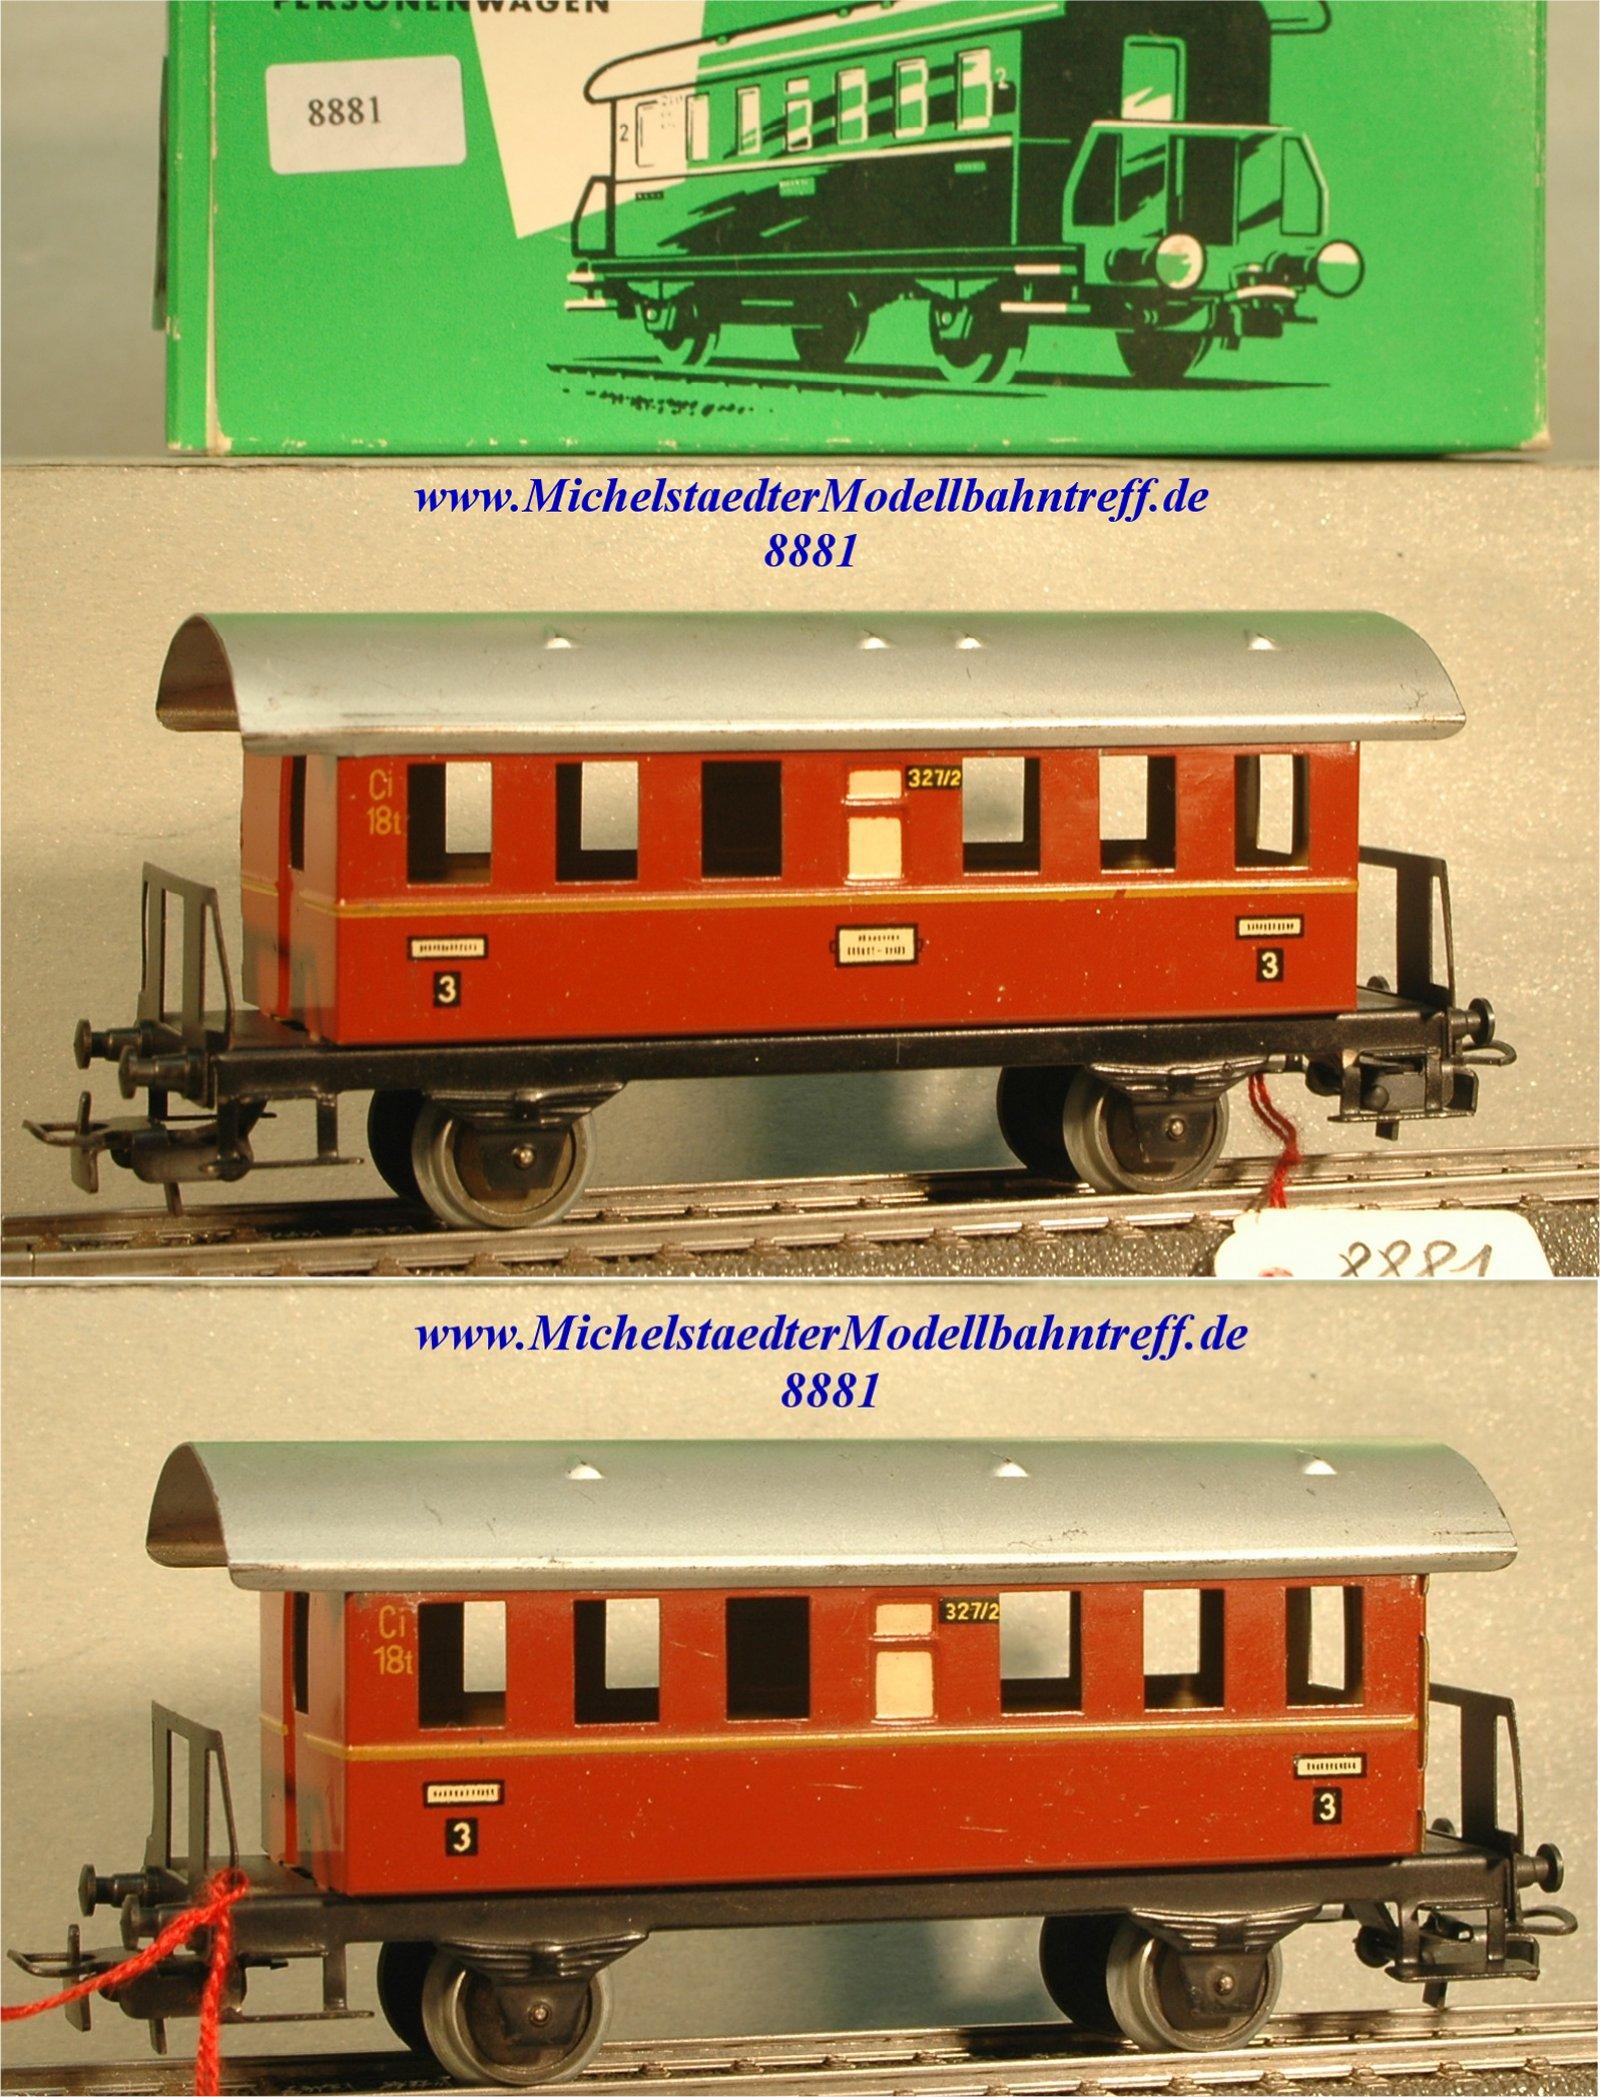 Märklin 327/2.2 Personenwagen braunrot, 3.Kl., (8881)